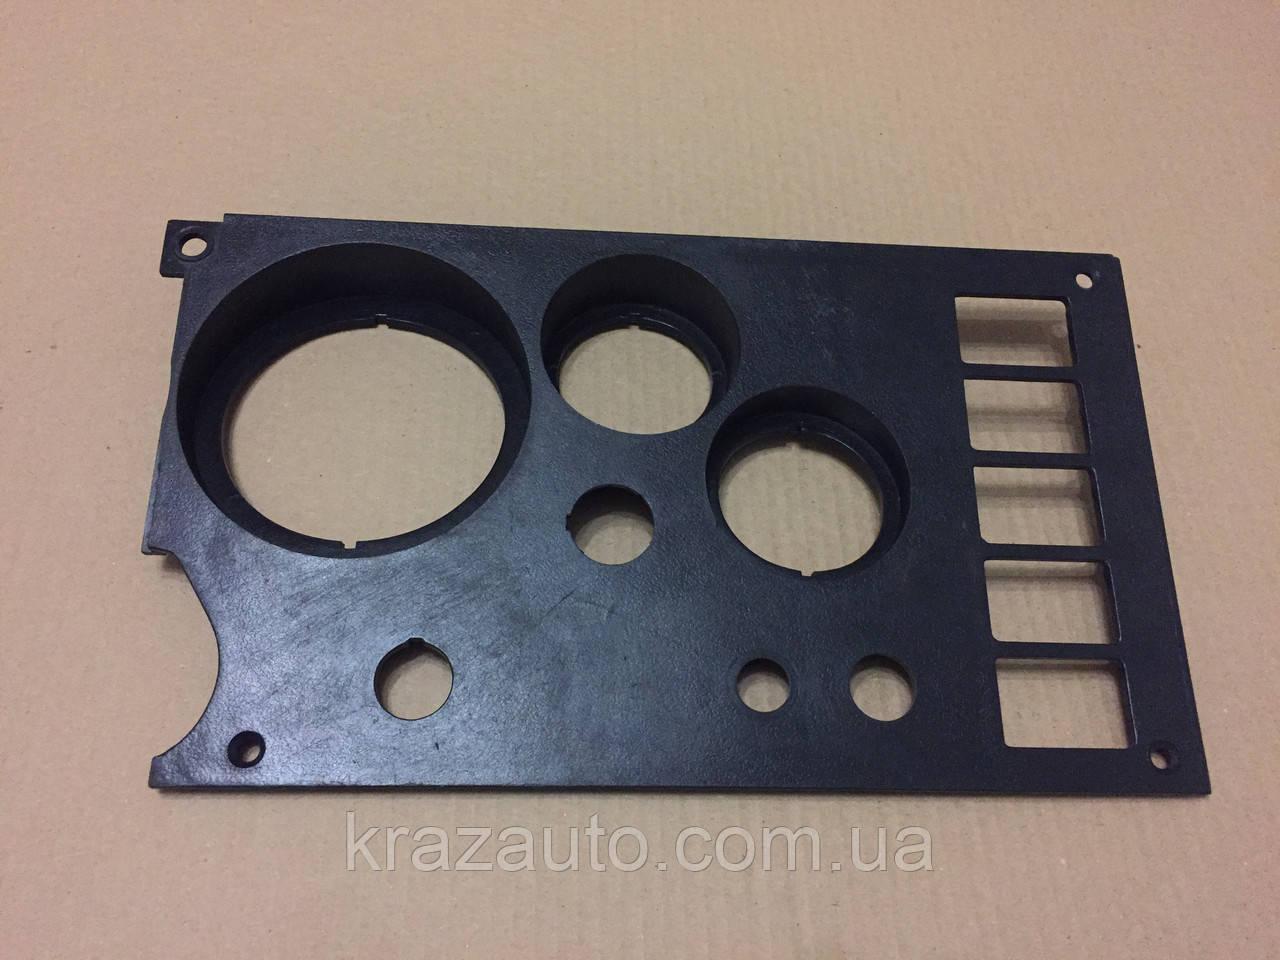 Щиток приборов правый на КрАЗ-250 250-5325016-50